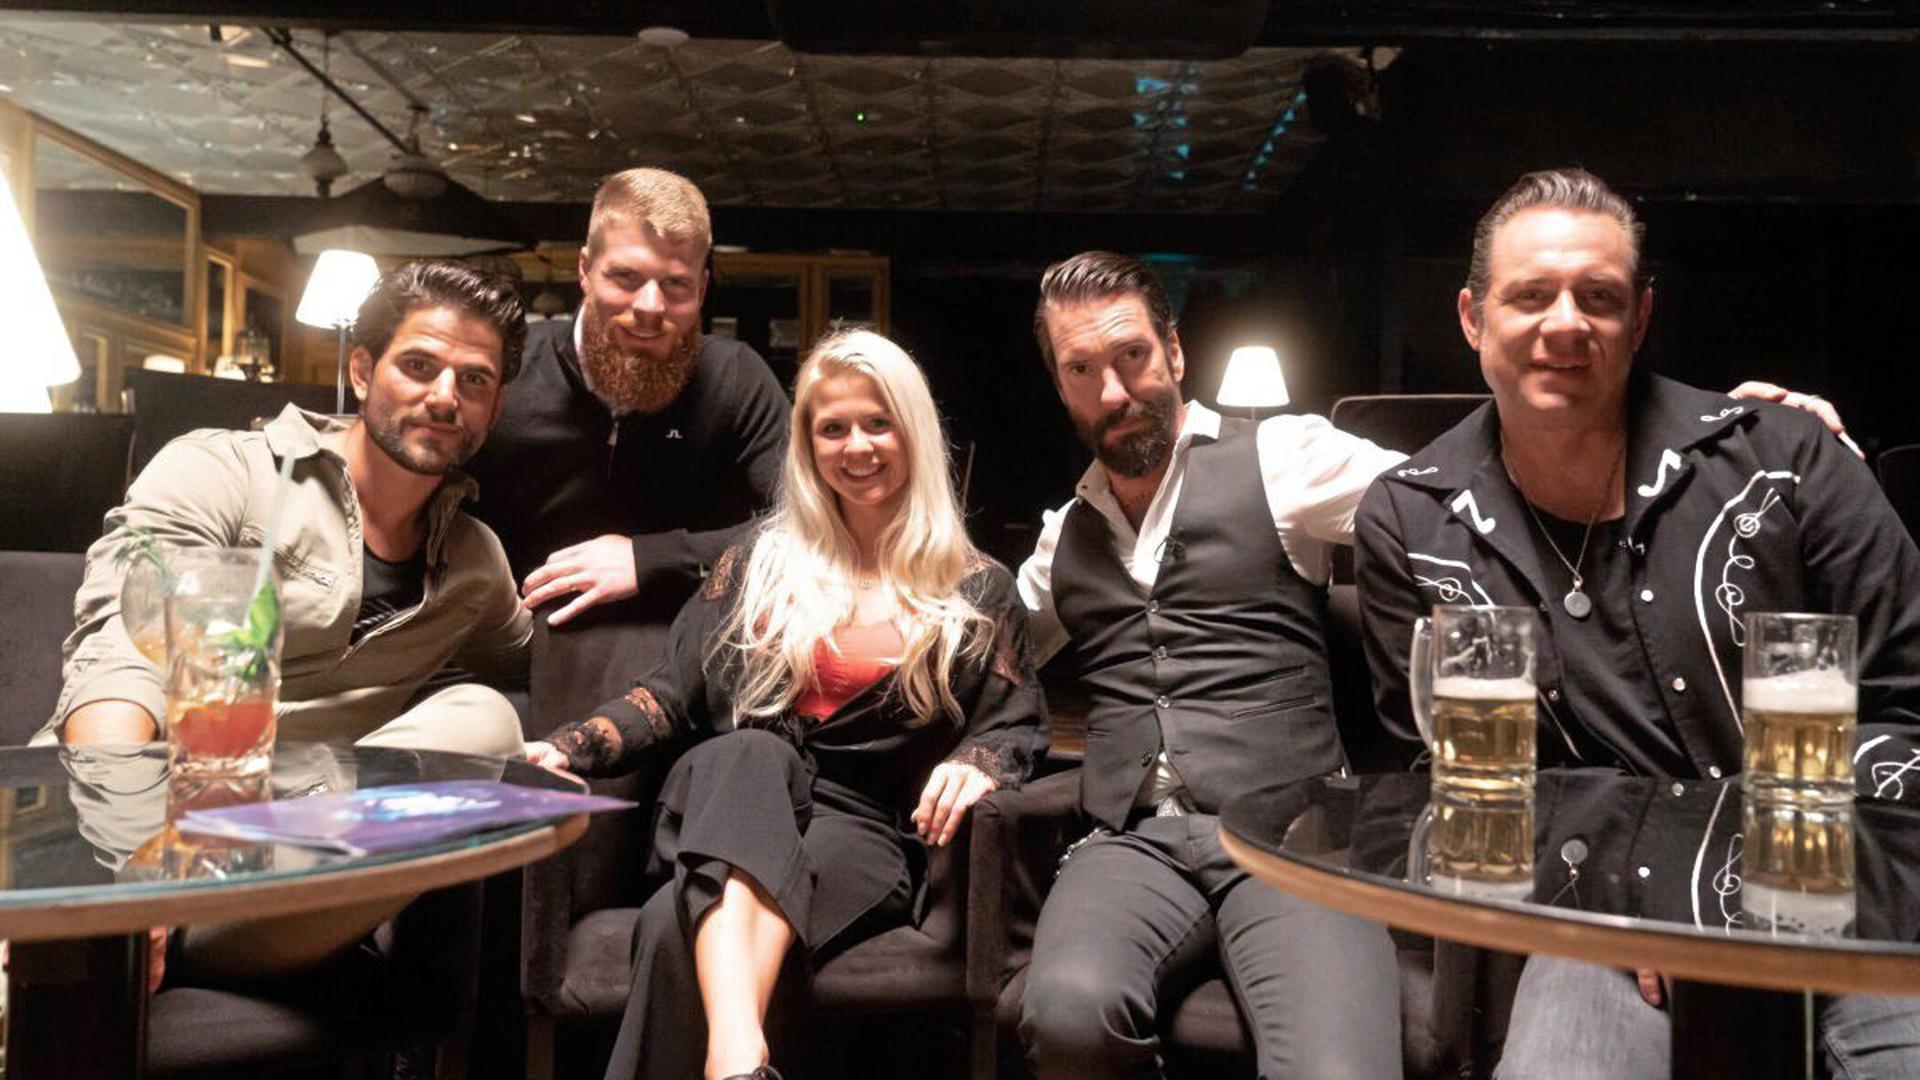 The BossHoss, Alec und Sascha, mit Colleen, Martin und Yves – wer ist der Mole?